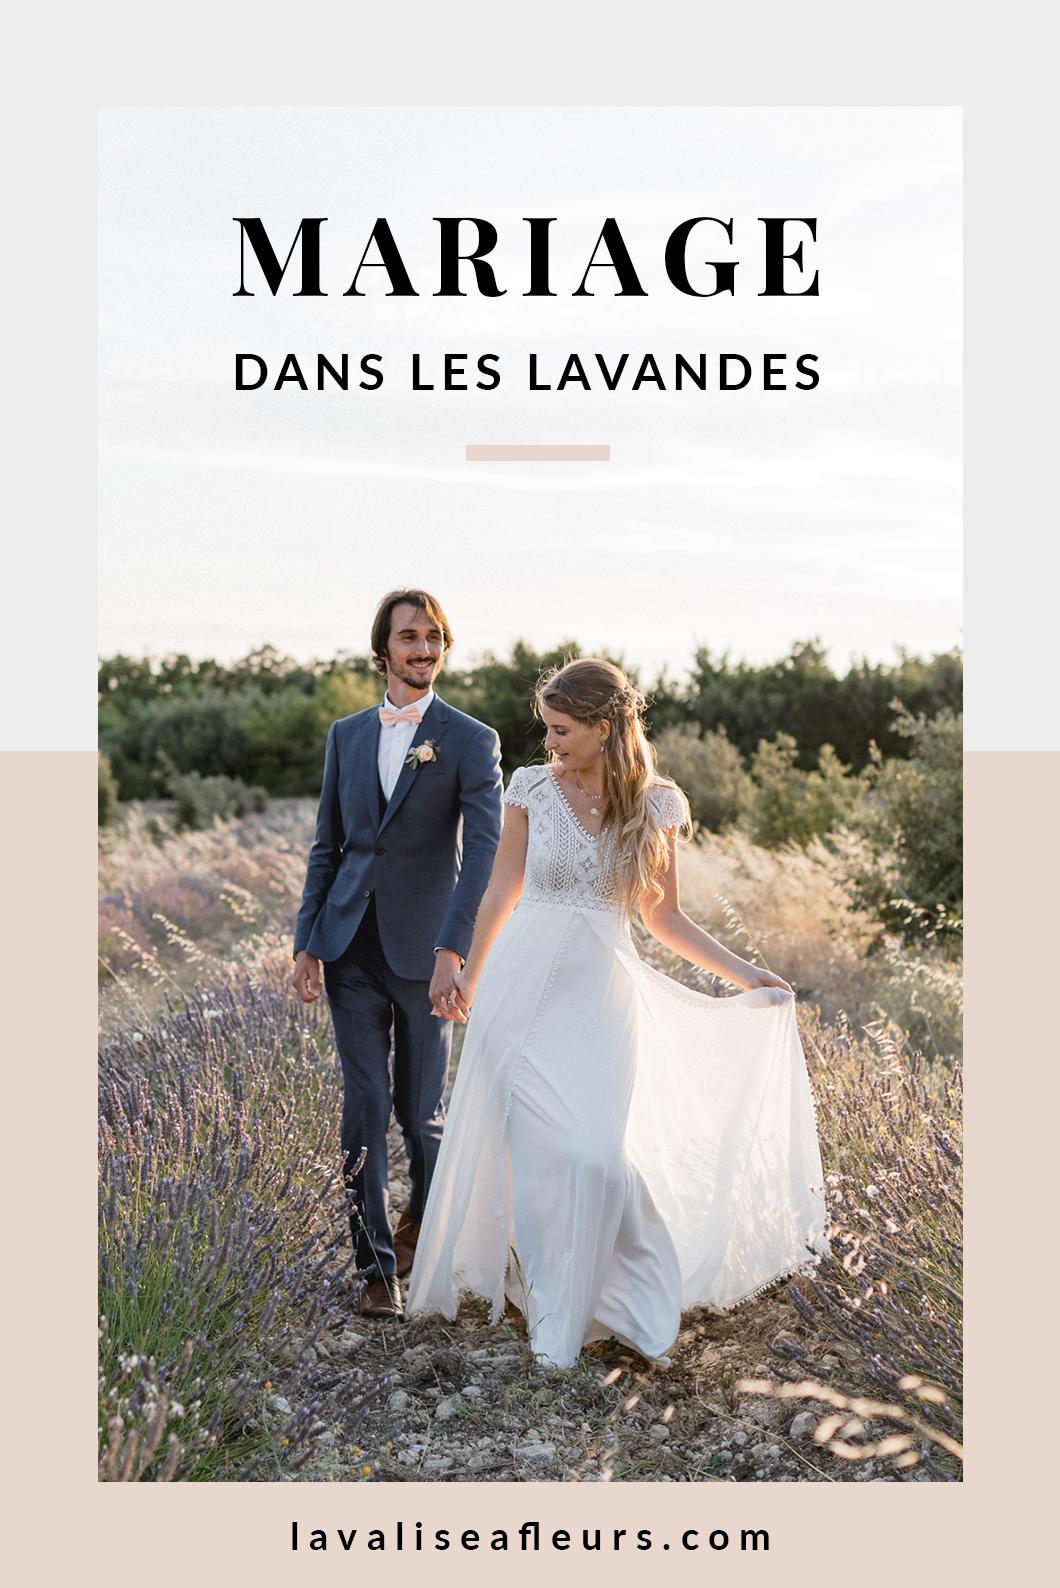 Mariage dans les lavandes dans le sud de la France